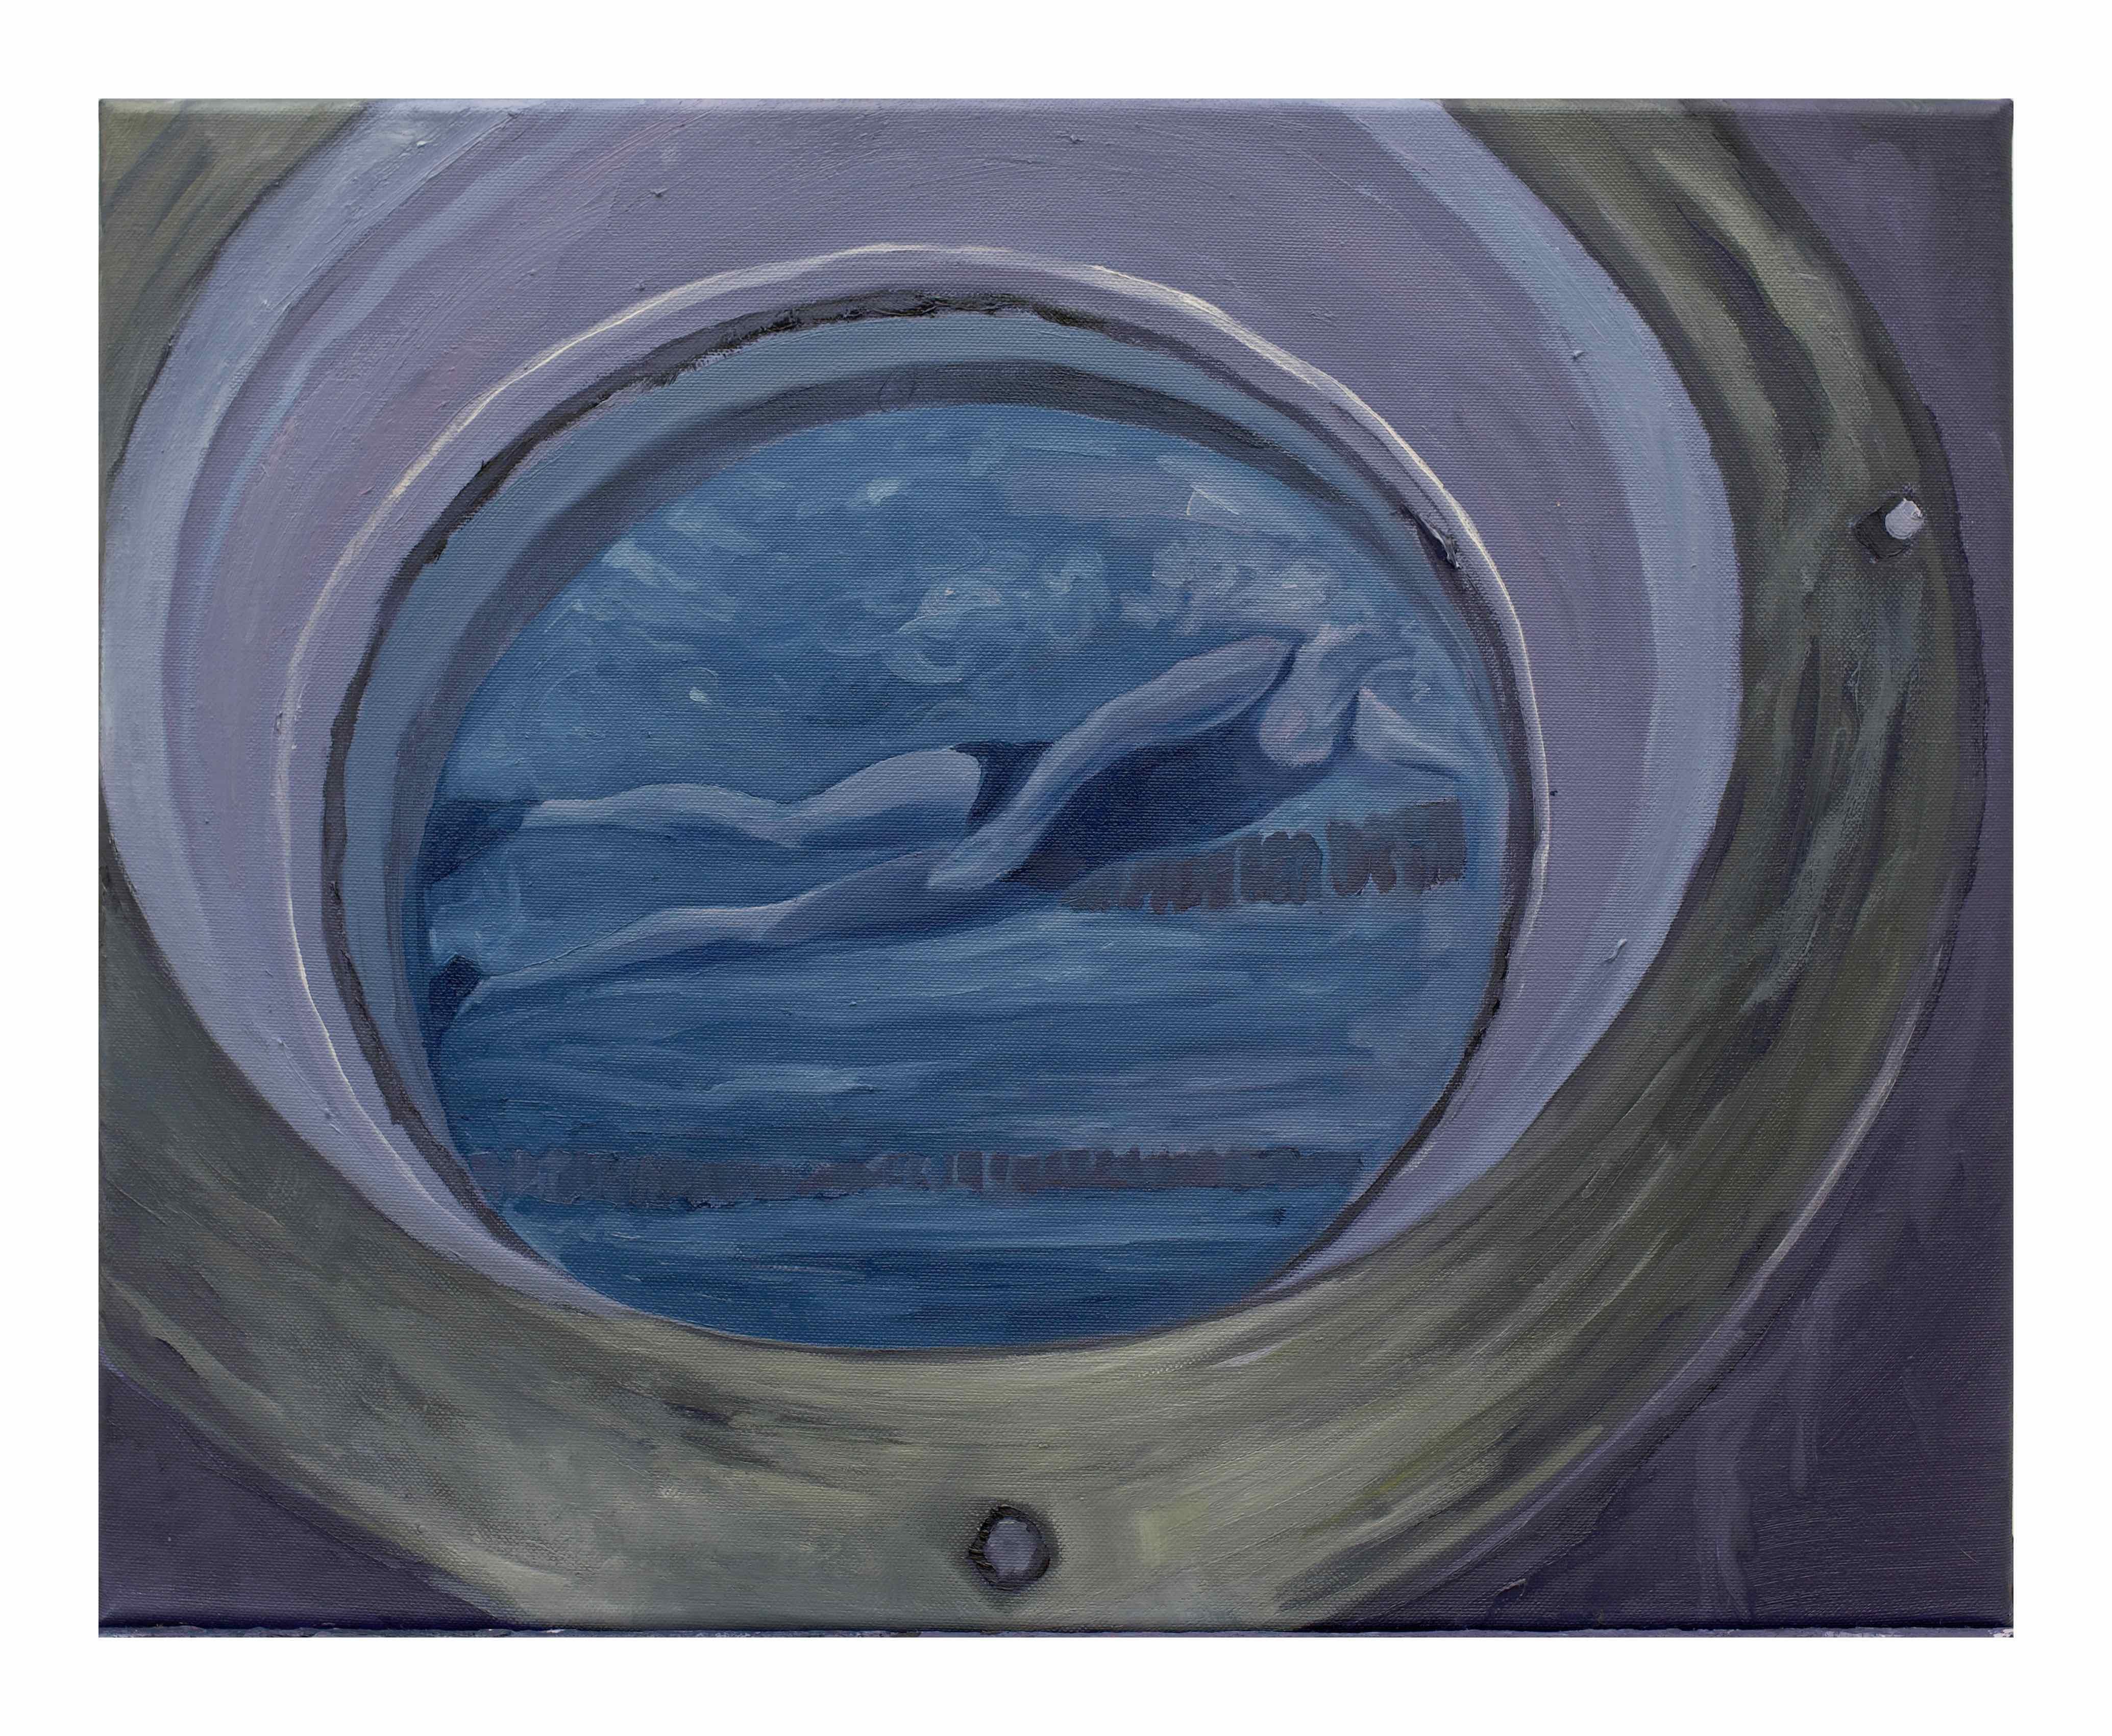 Filippo Cristini, Tutto ciò che è solido si scioglie nell'aria, 2018, olio su tela, 40x50 cm